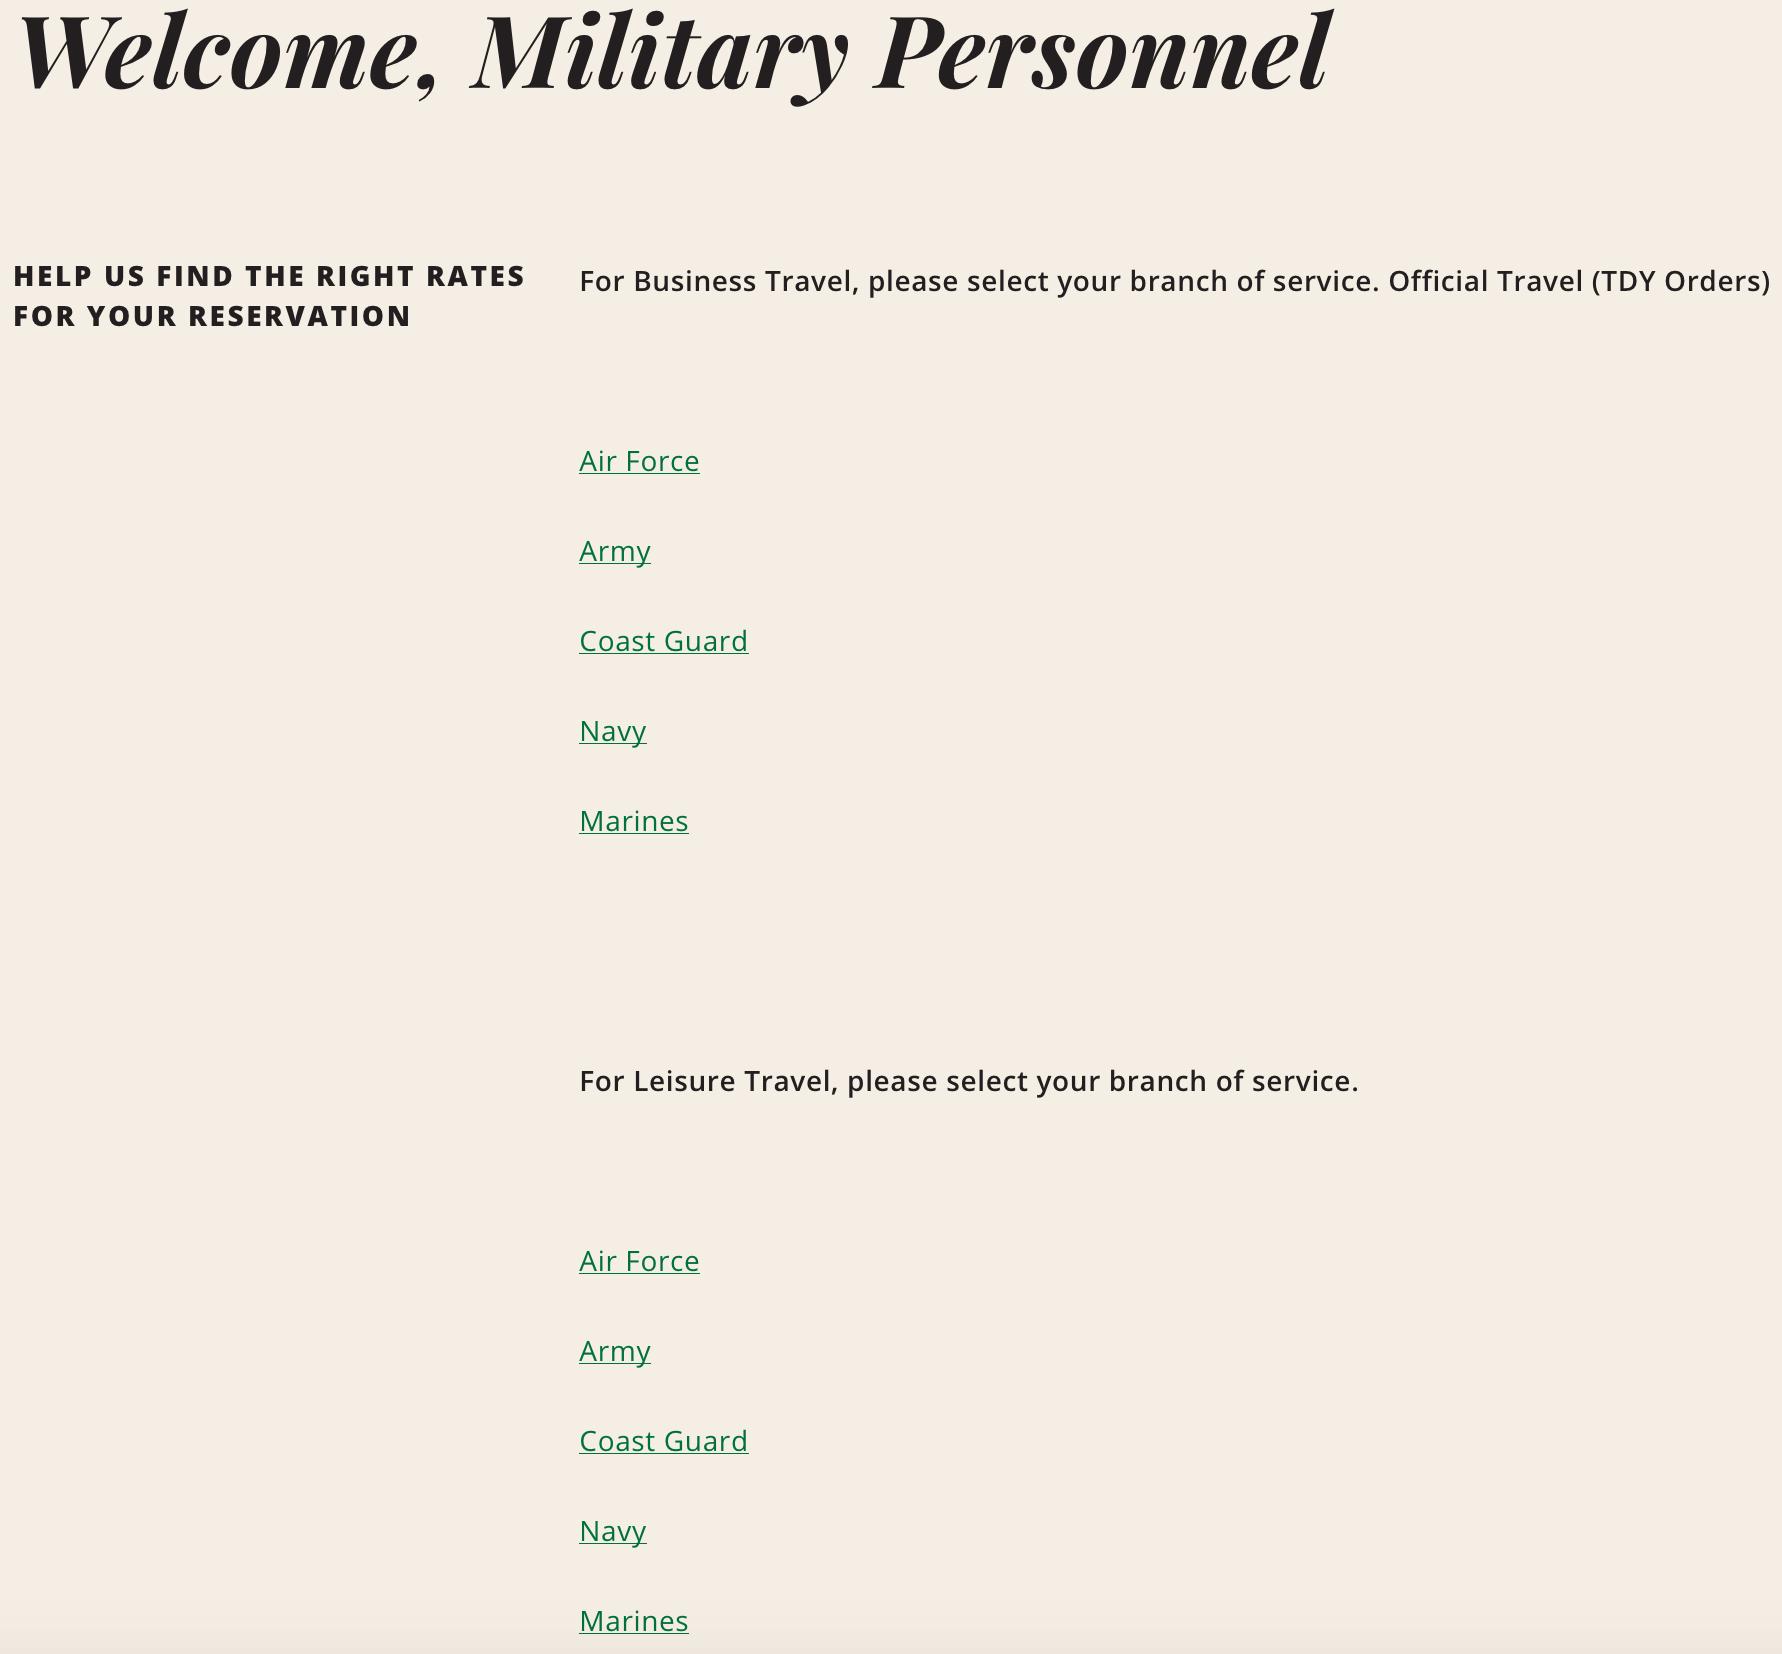 National Car Rental Military Veteran Discounts